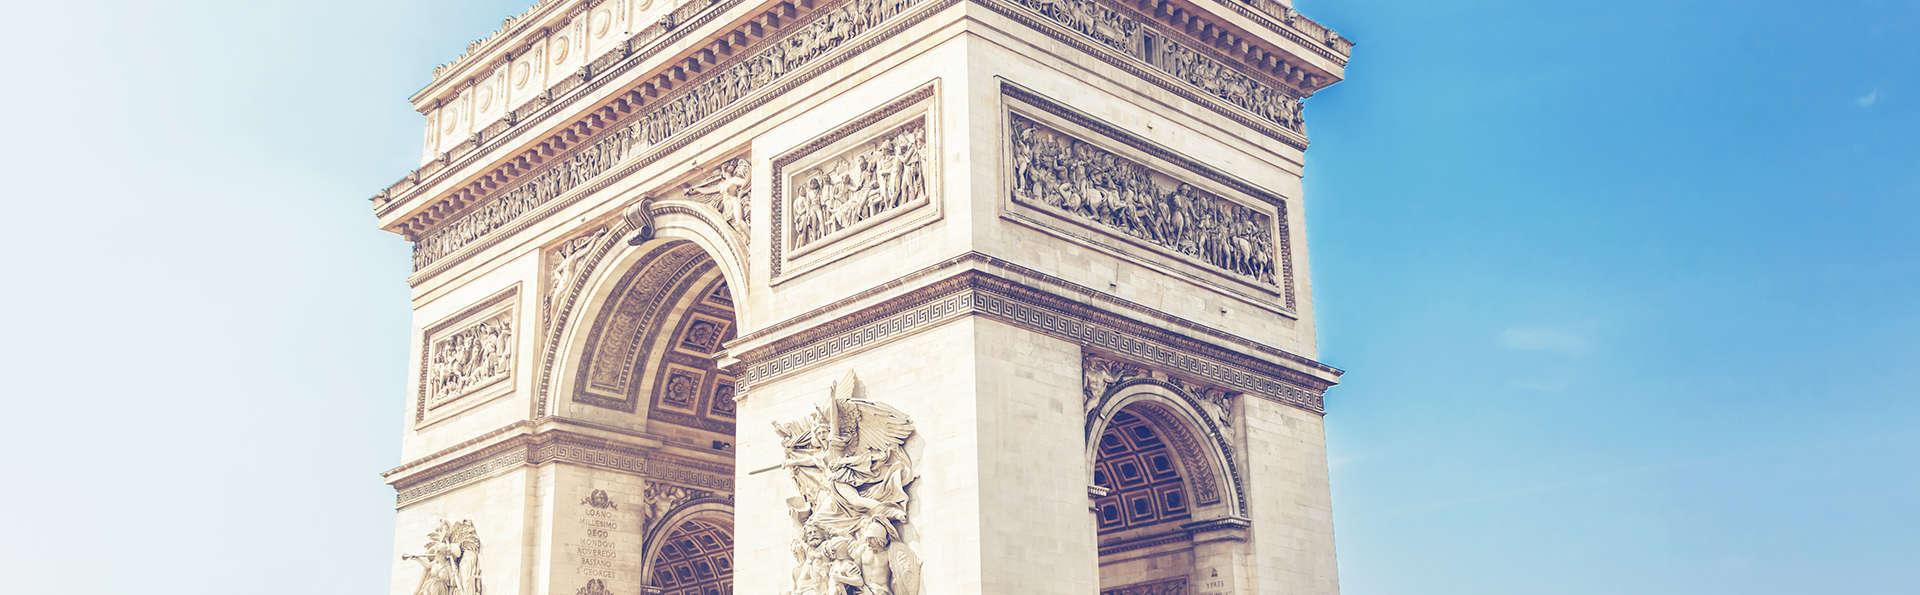 Week à Paris et visite de l'Arc de Triomphe